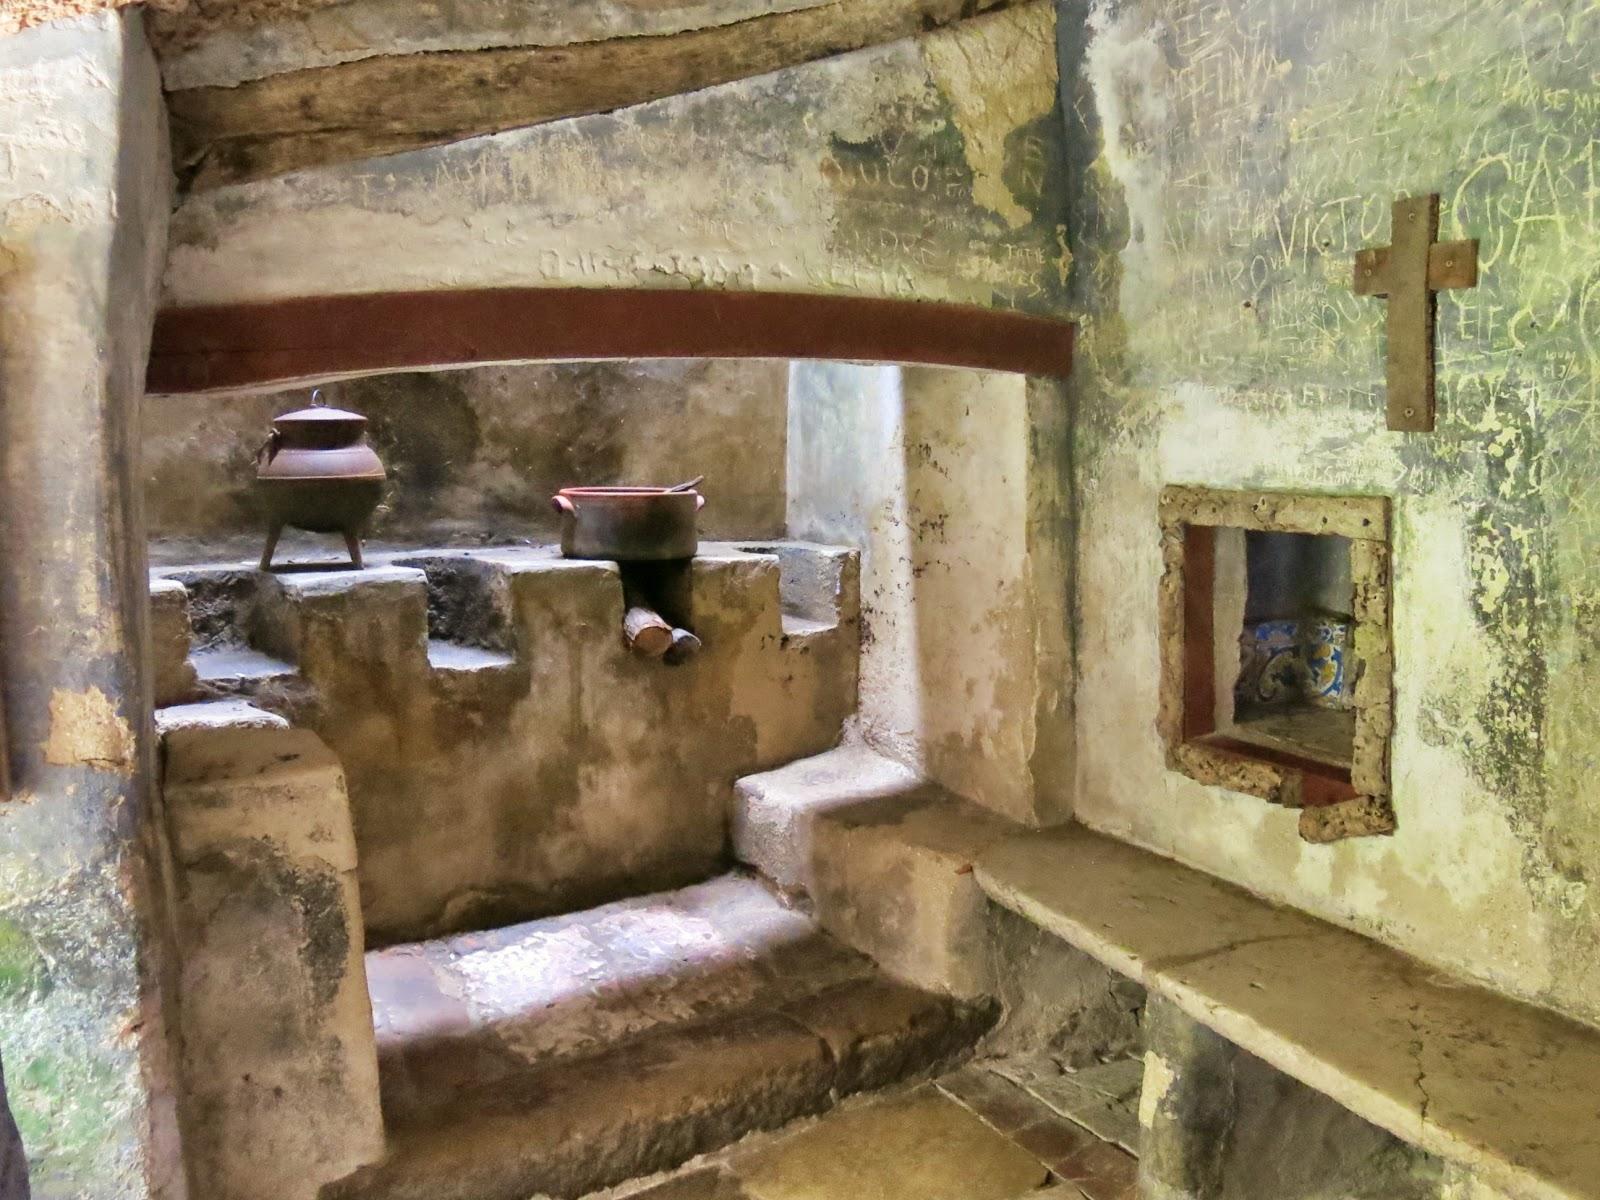 Conventos dos Capuchos ved Sintra